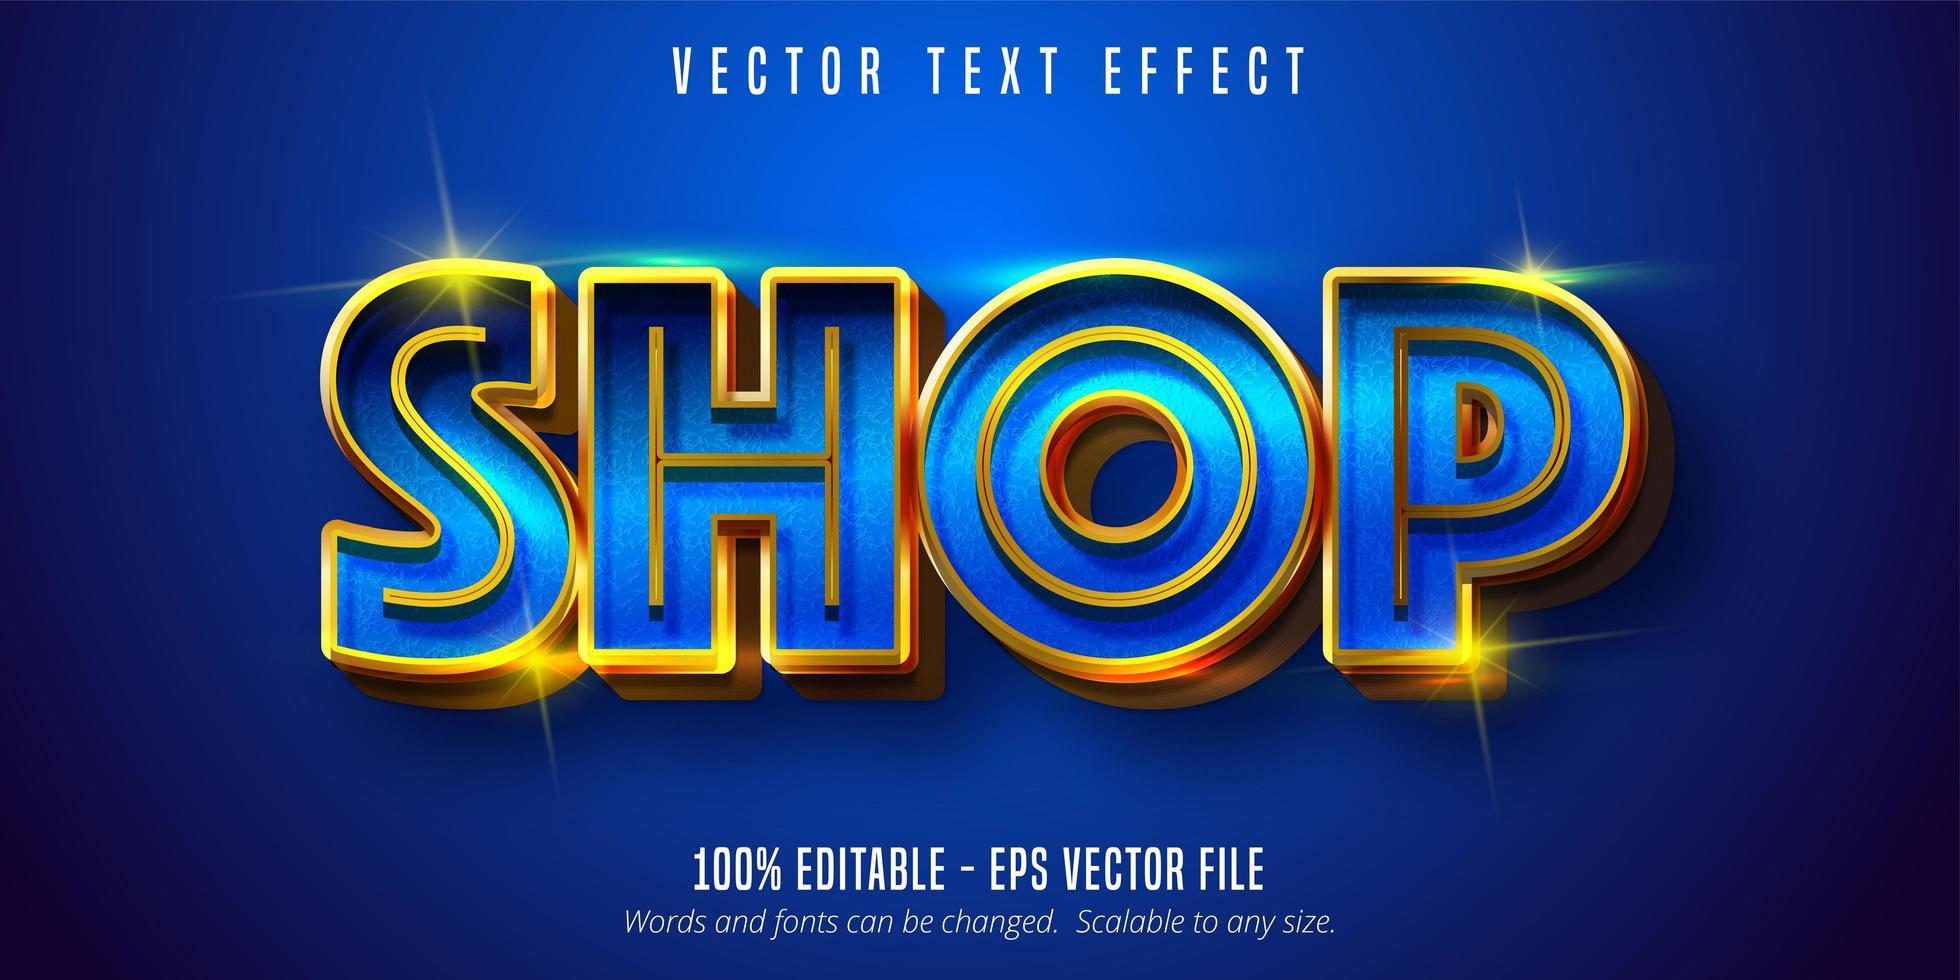 shoppa text, glänsande blå och guld text effekt vektor